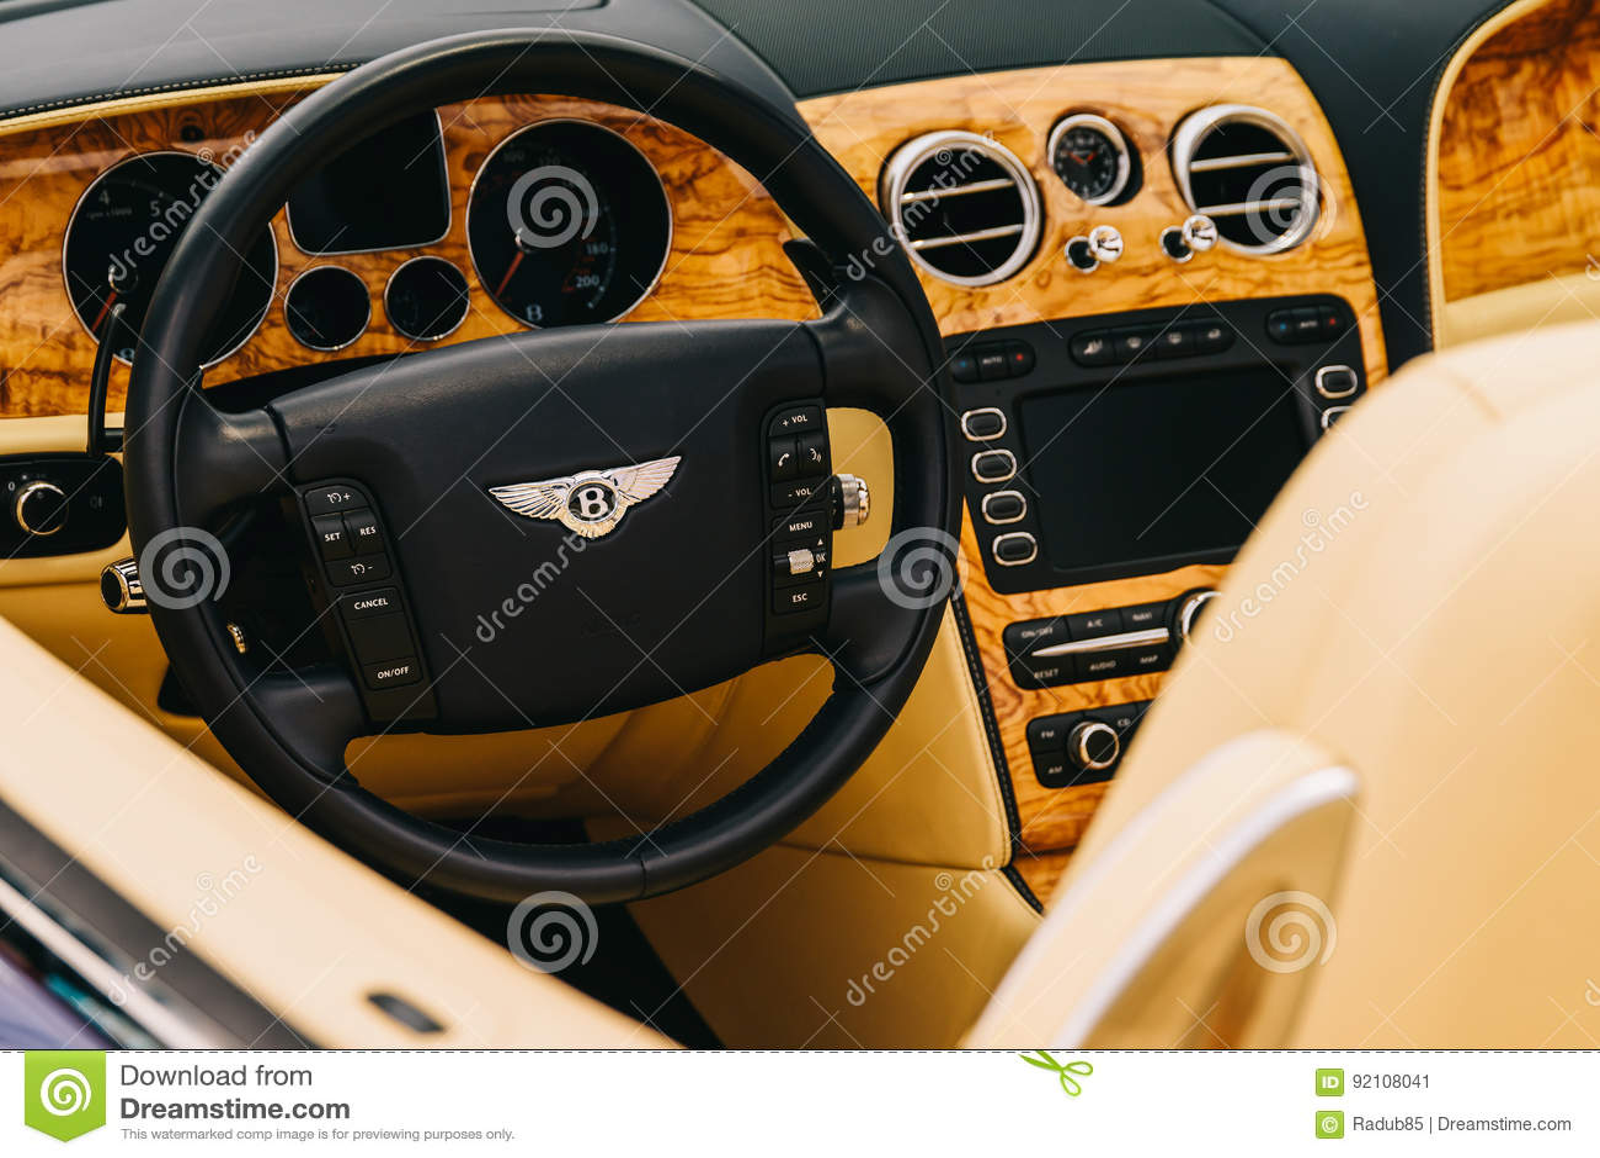 Bentley Luxury Car Interior Foto Editorial Imagen De Luxury Interior 92108041